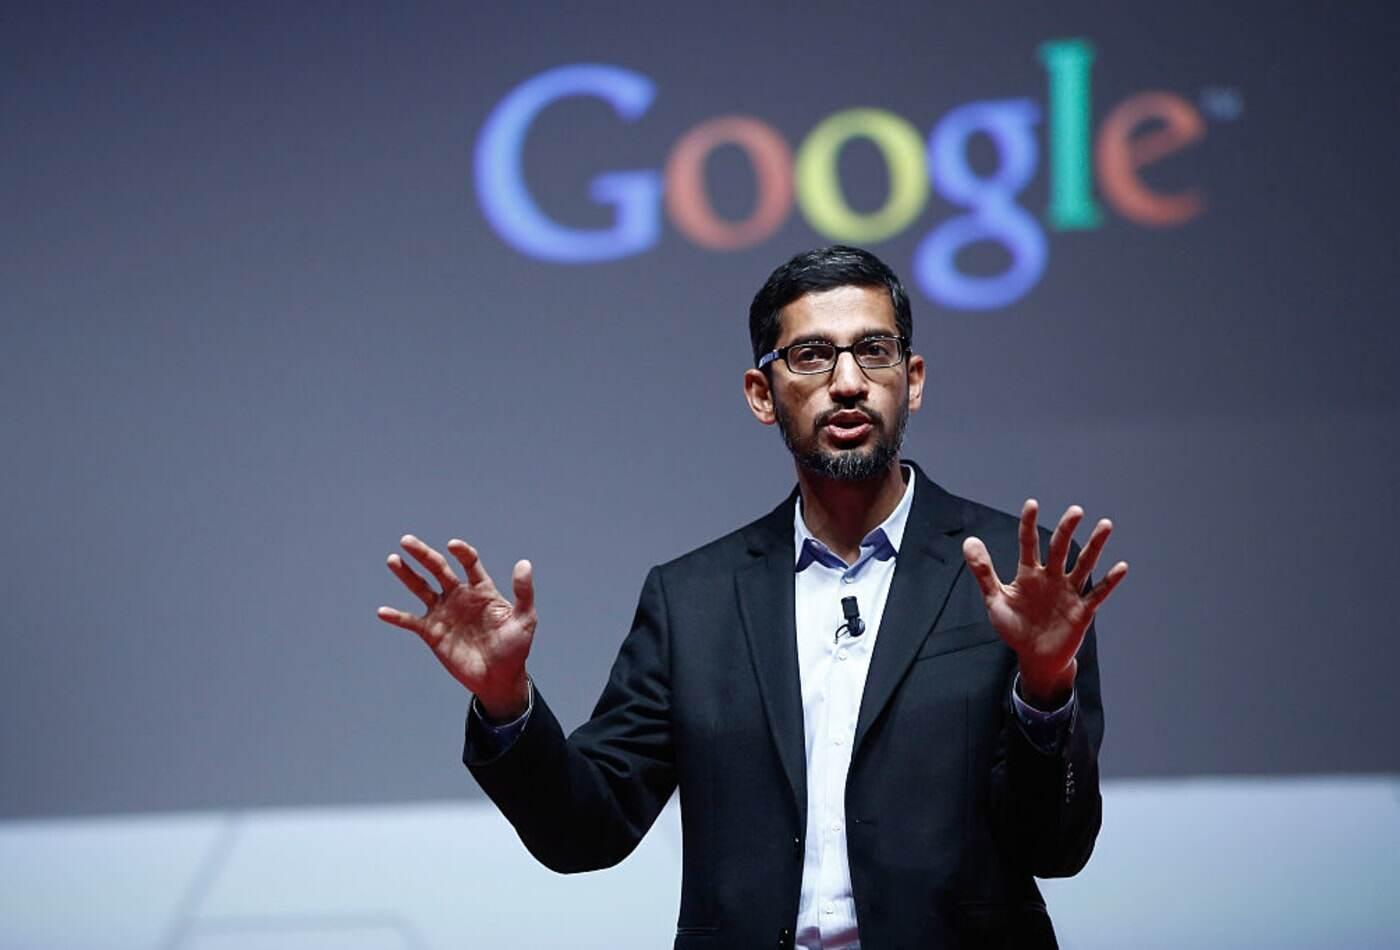 谷歌两位联合创始人退位:桑达尔·皮猜将统领Alphabet及谷歌